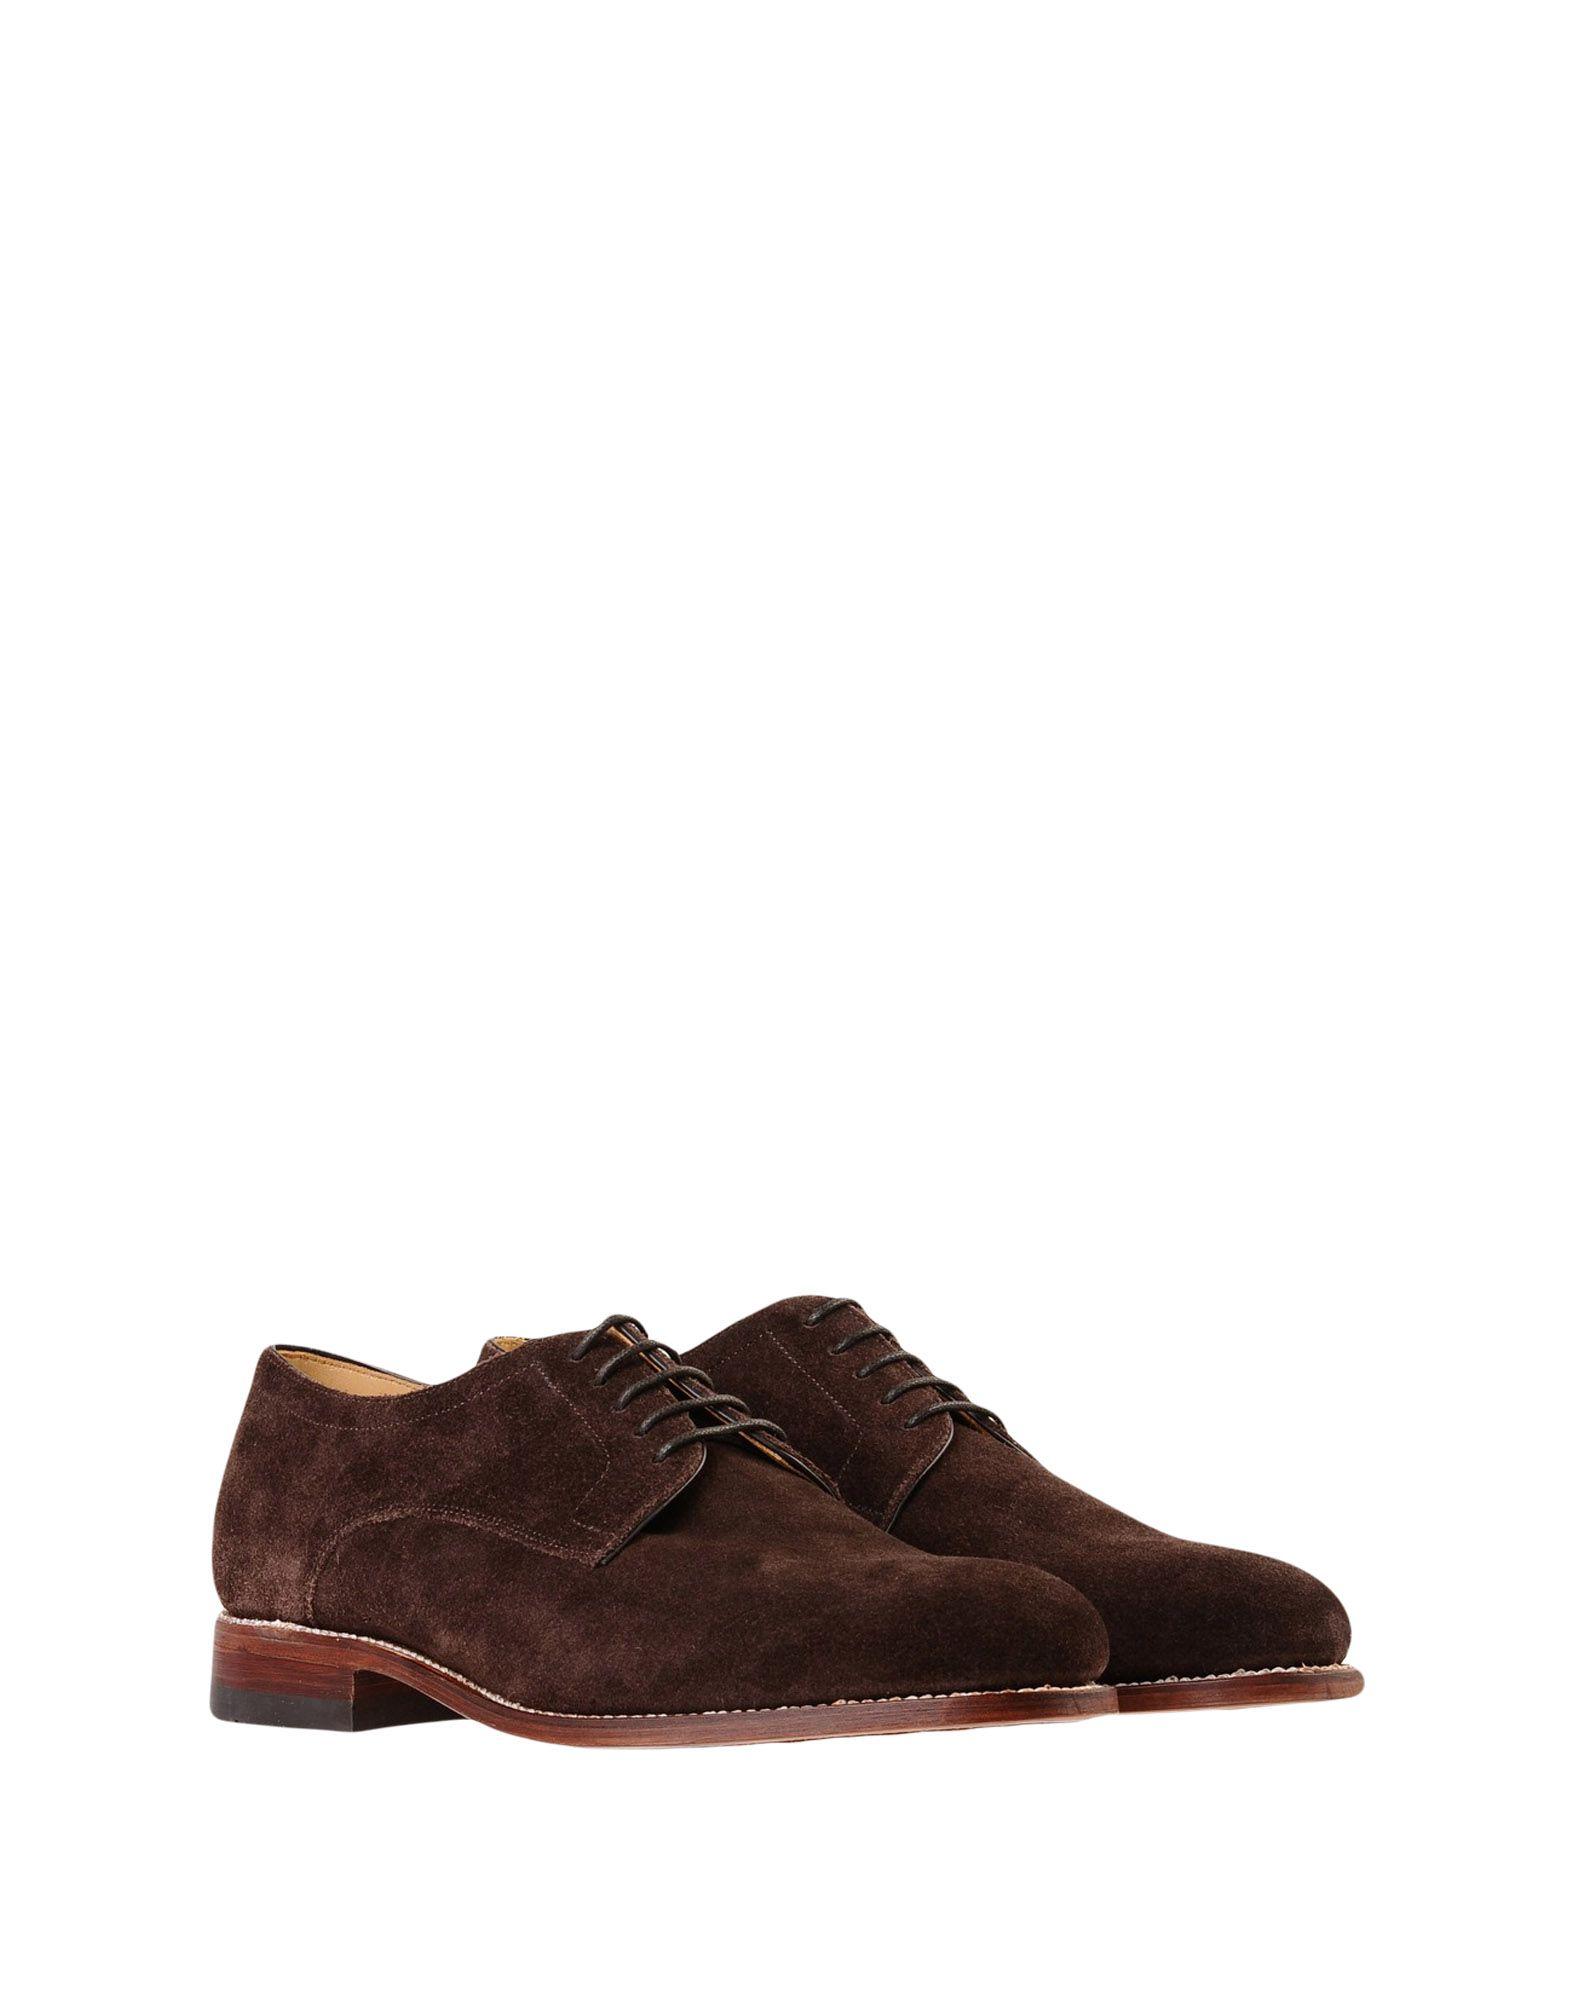 3d4e4e61940 Chaussures À Lacets G.H. Bass   Co Monogram Derby Ii Suede - Femme -  Chaussures À ...